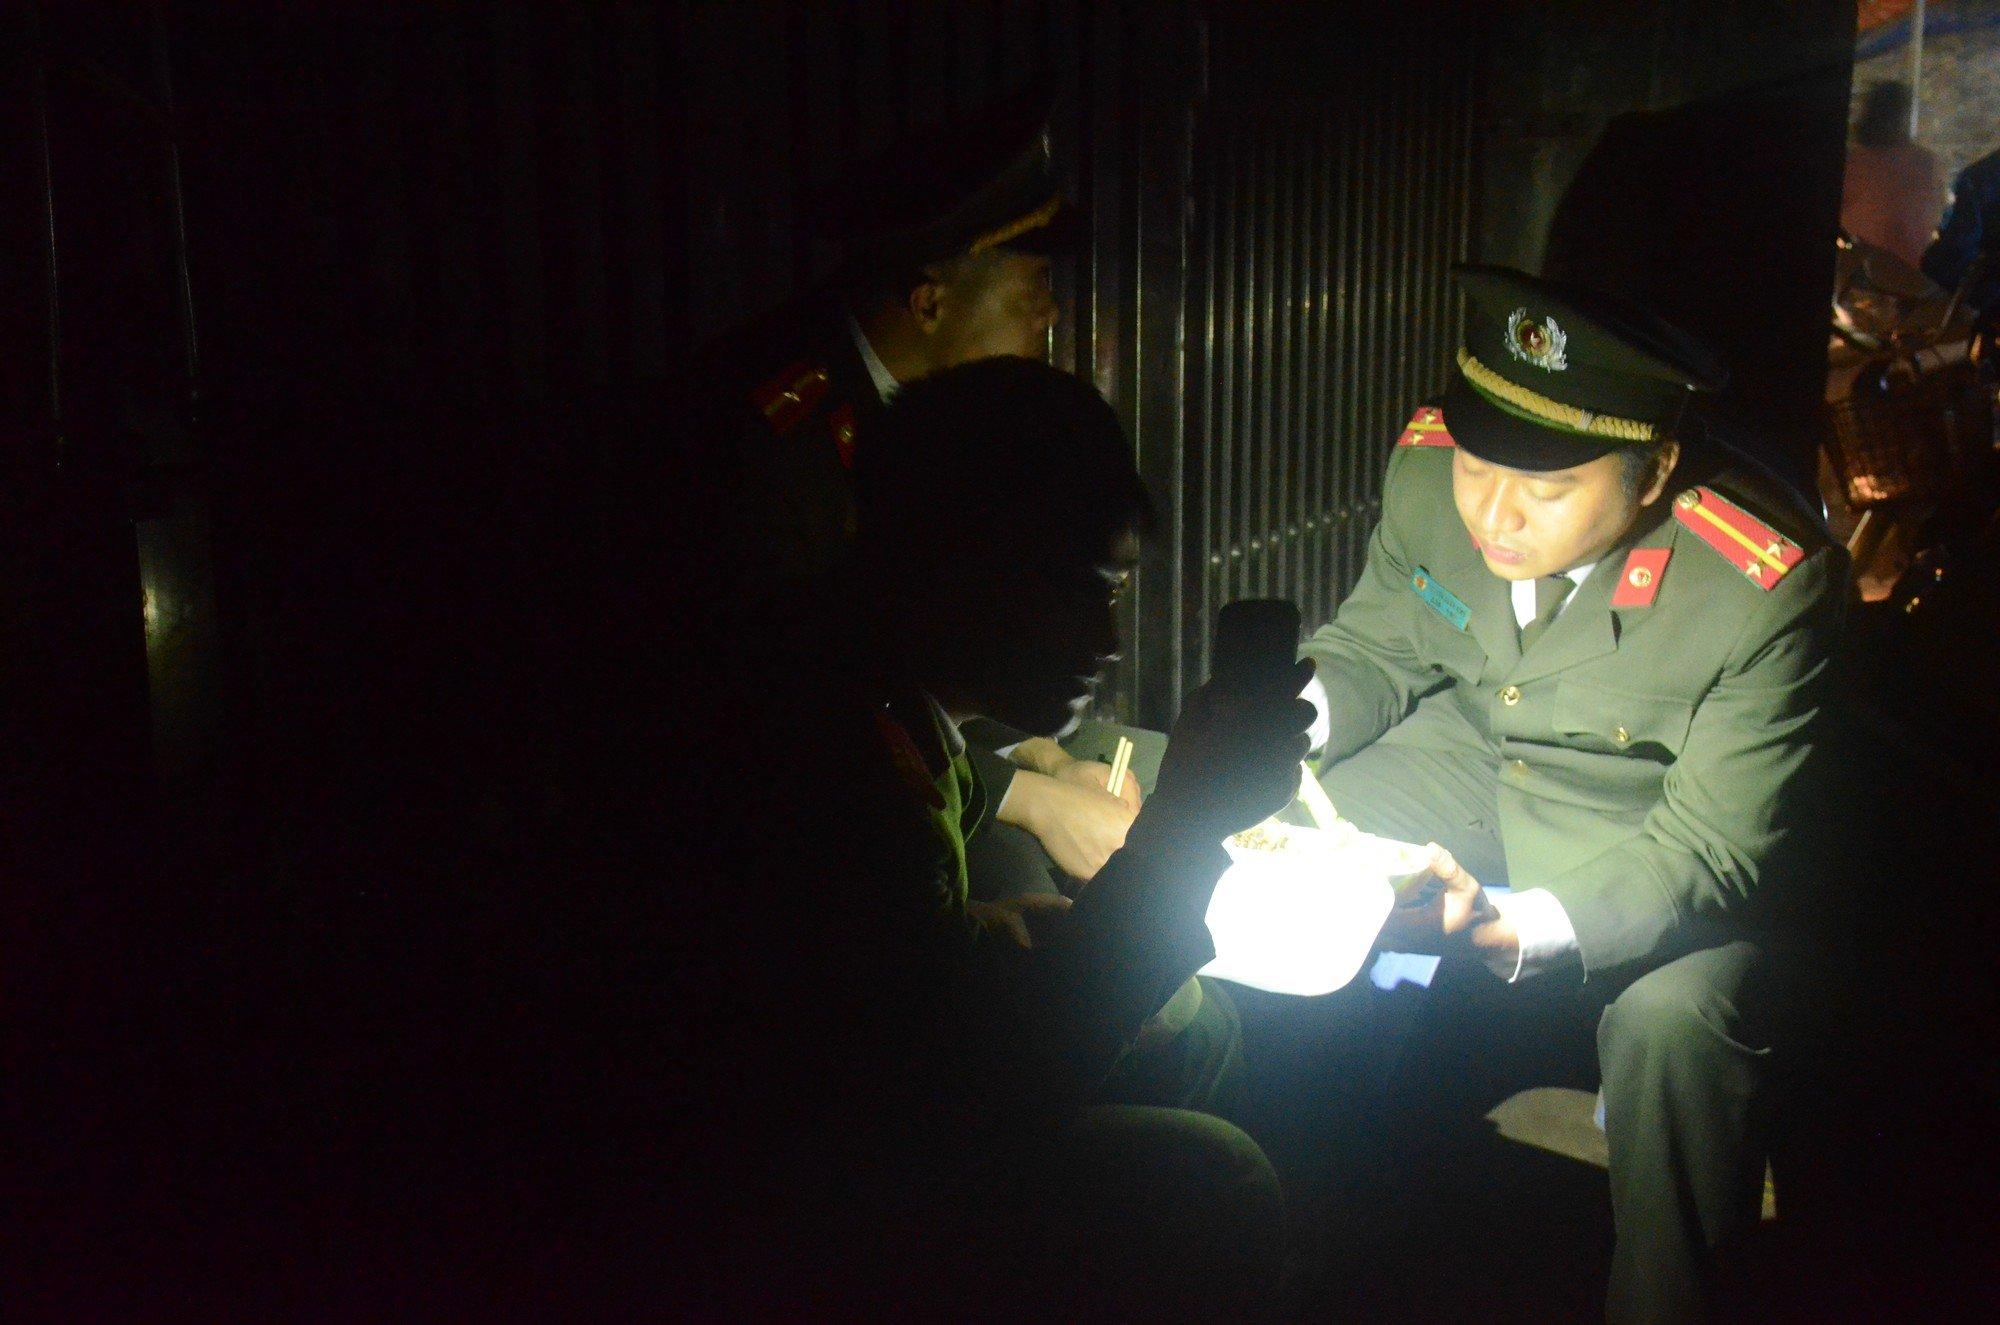 Vụ nổ lớn ở Bắc Ninh: Hàng trăm chiến sỹ công binh cầm đèn pin mót tìm đầu đạn trong đống đổ nát 6